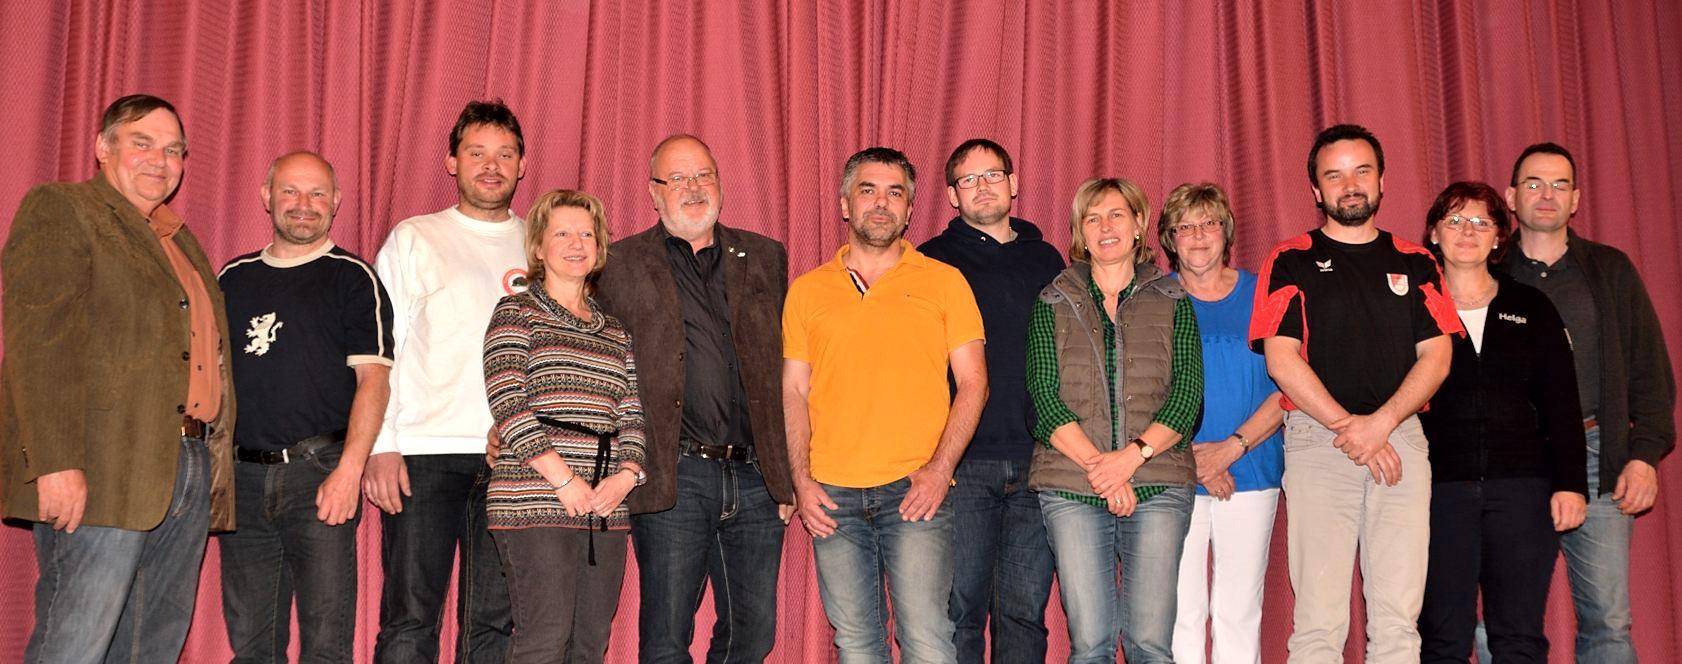 v.l. Peter Bromberger (Beisitzer), Rainer Kolb (Beisitzer), Thomas Brenz (Sportwart/Hallenwart), Christine Rauch (Schriftführerin), Andreas Döscher (2. Vorsitzender), Markus Dinzl (1. Vorsitzender), Günther Braun (Kassier), Gisela Irmer (Beisitzer), Elisabeth Lettow (Beisitzer), Andre Schultz (Jugendbeauftragter), Helga Meder (Kassenprüferin), Markus Dürr (Kassenprüfer)